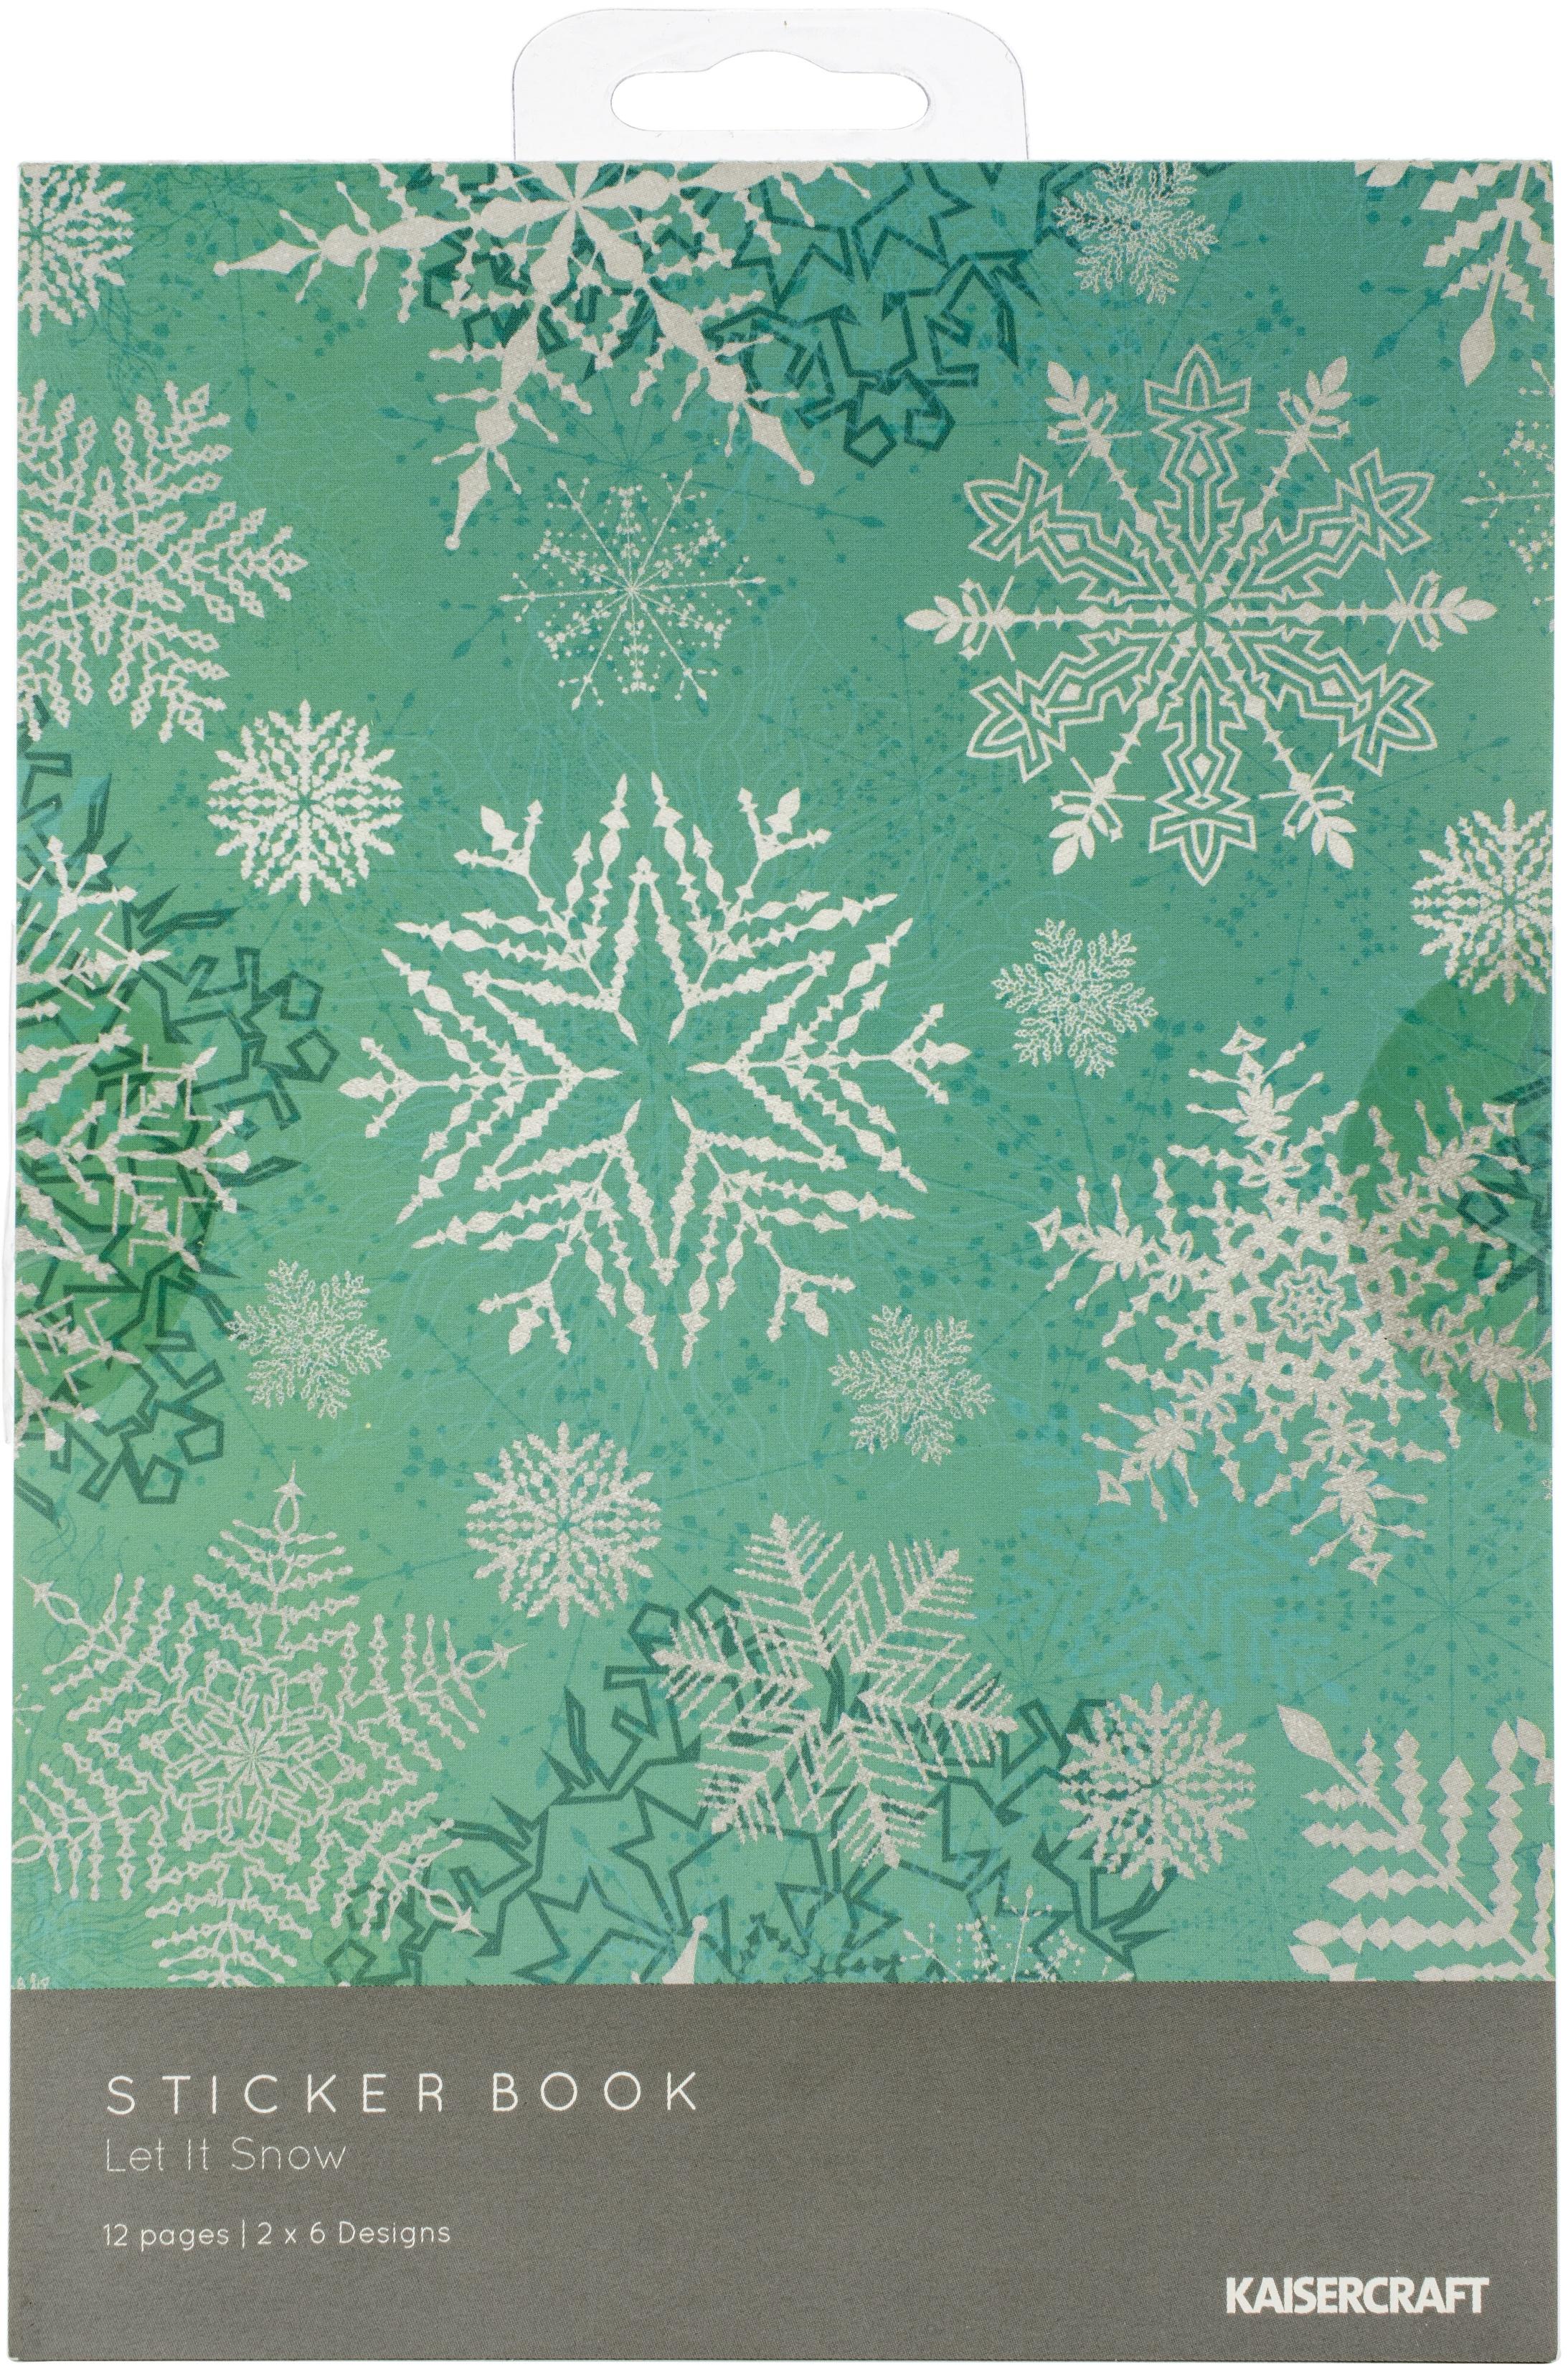 Kaisercraft - Sticker Book - Let it Snow